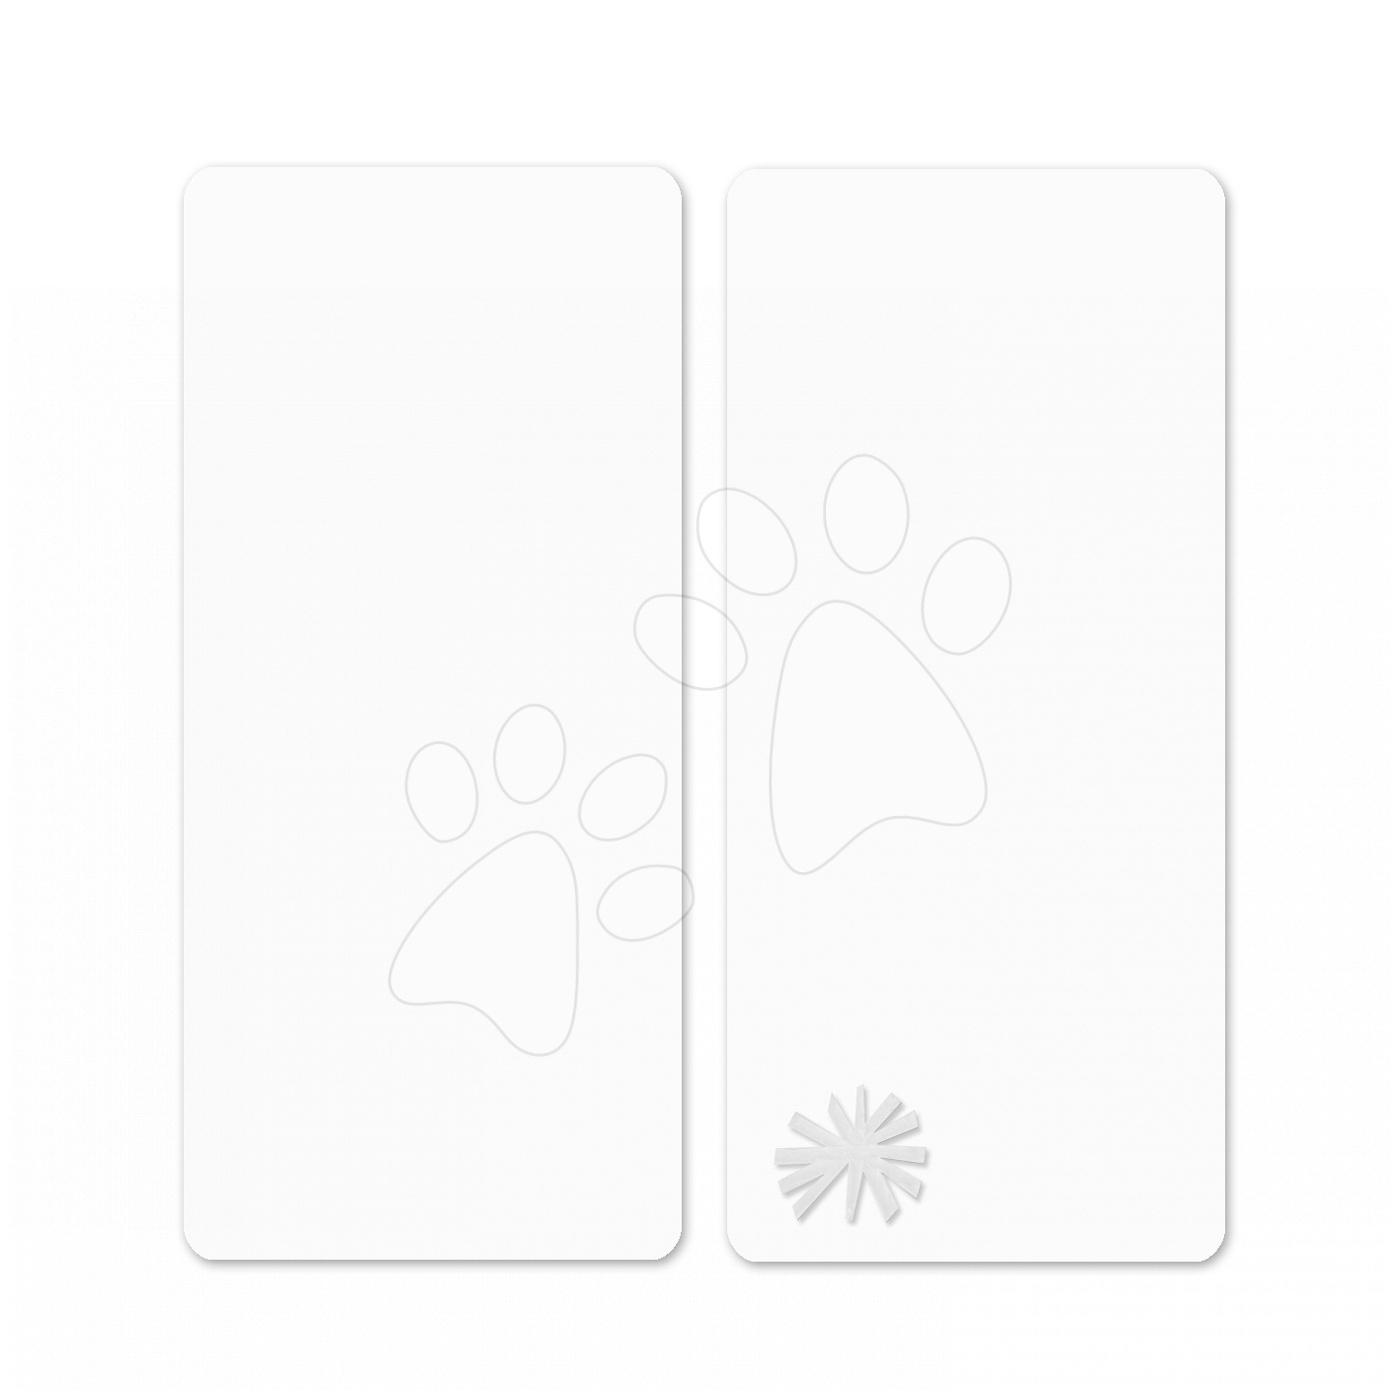 Napínacie prestieradlo do postieľky toTs-smarTrike kvety 2 kusy 100% predpraná bavlna od 0 mesiacov